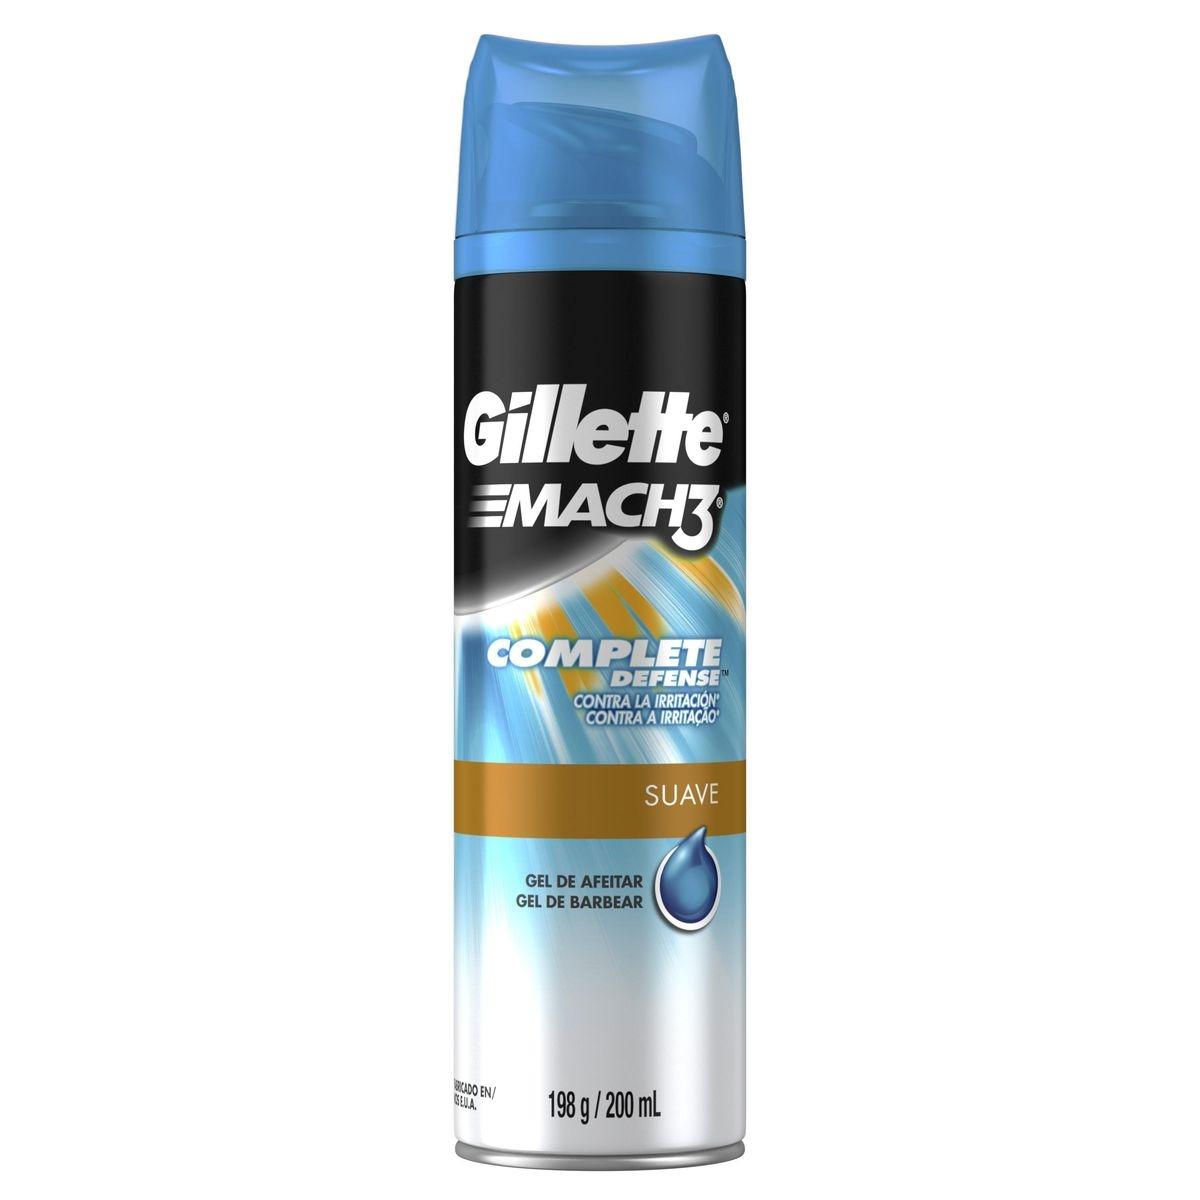 Gel de Barbear Gillette Mach3 Complete Defense com 198g 198g